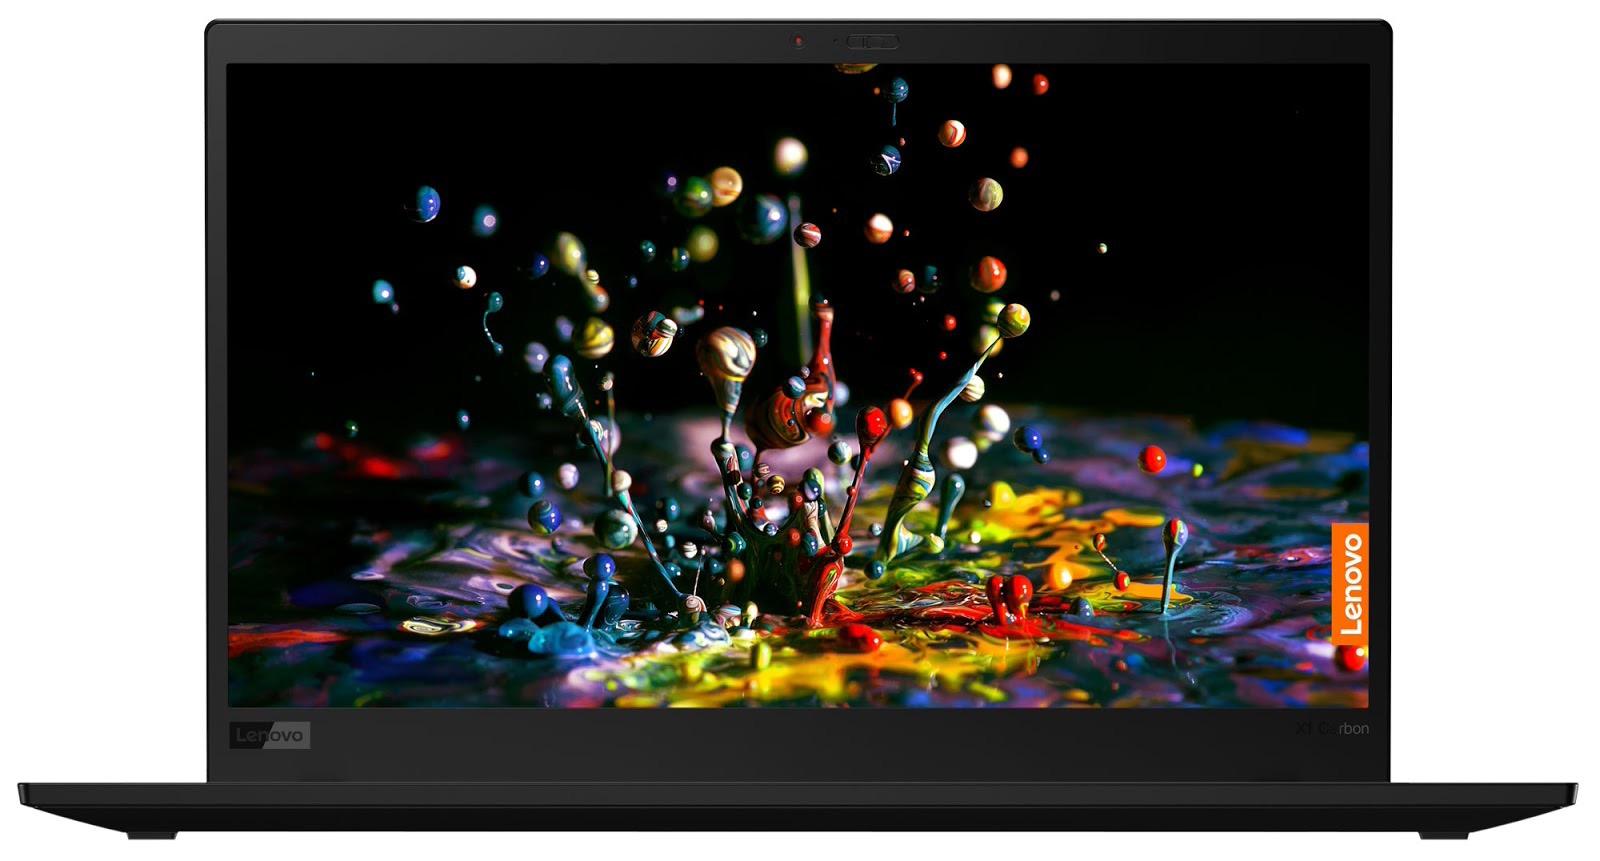 Фото 4. Ноутбук Lenovo ThinkPad X1 Carbon Gen 7 Black (20QD003JRT)